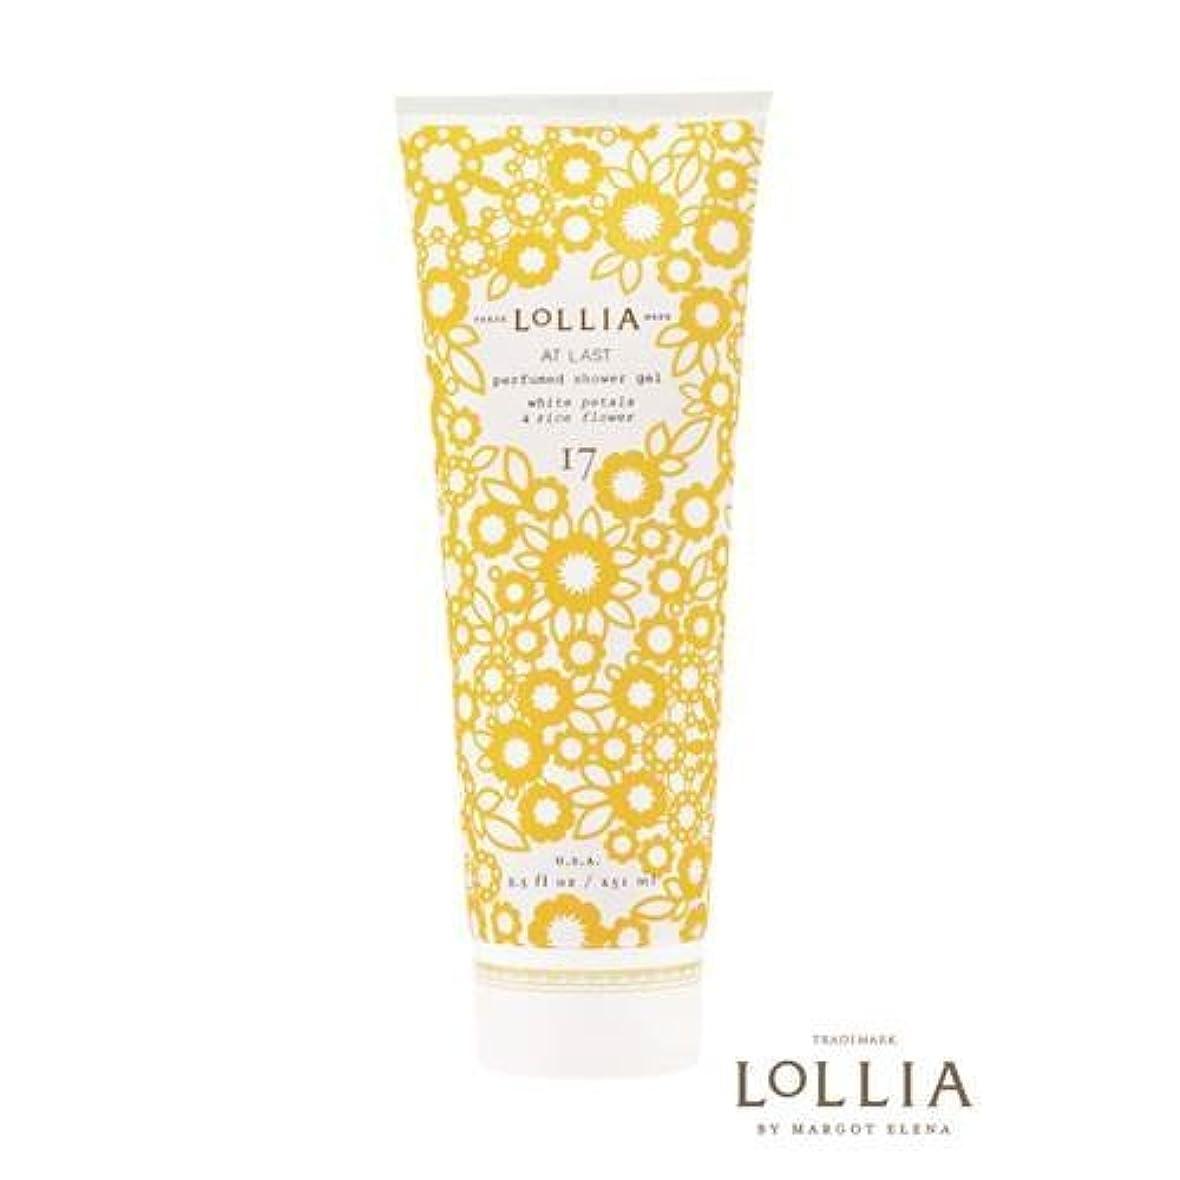 噛む迅速スプレーロリア(LoLLIA) パフュームドシャワージェル AtLast 251ml(全身用洗浄料 ボディーソープ ライスフラワー、マグノリアとミモザの柔らかな花々の香り)